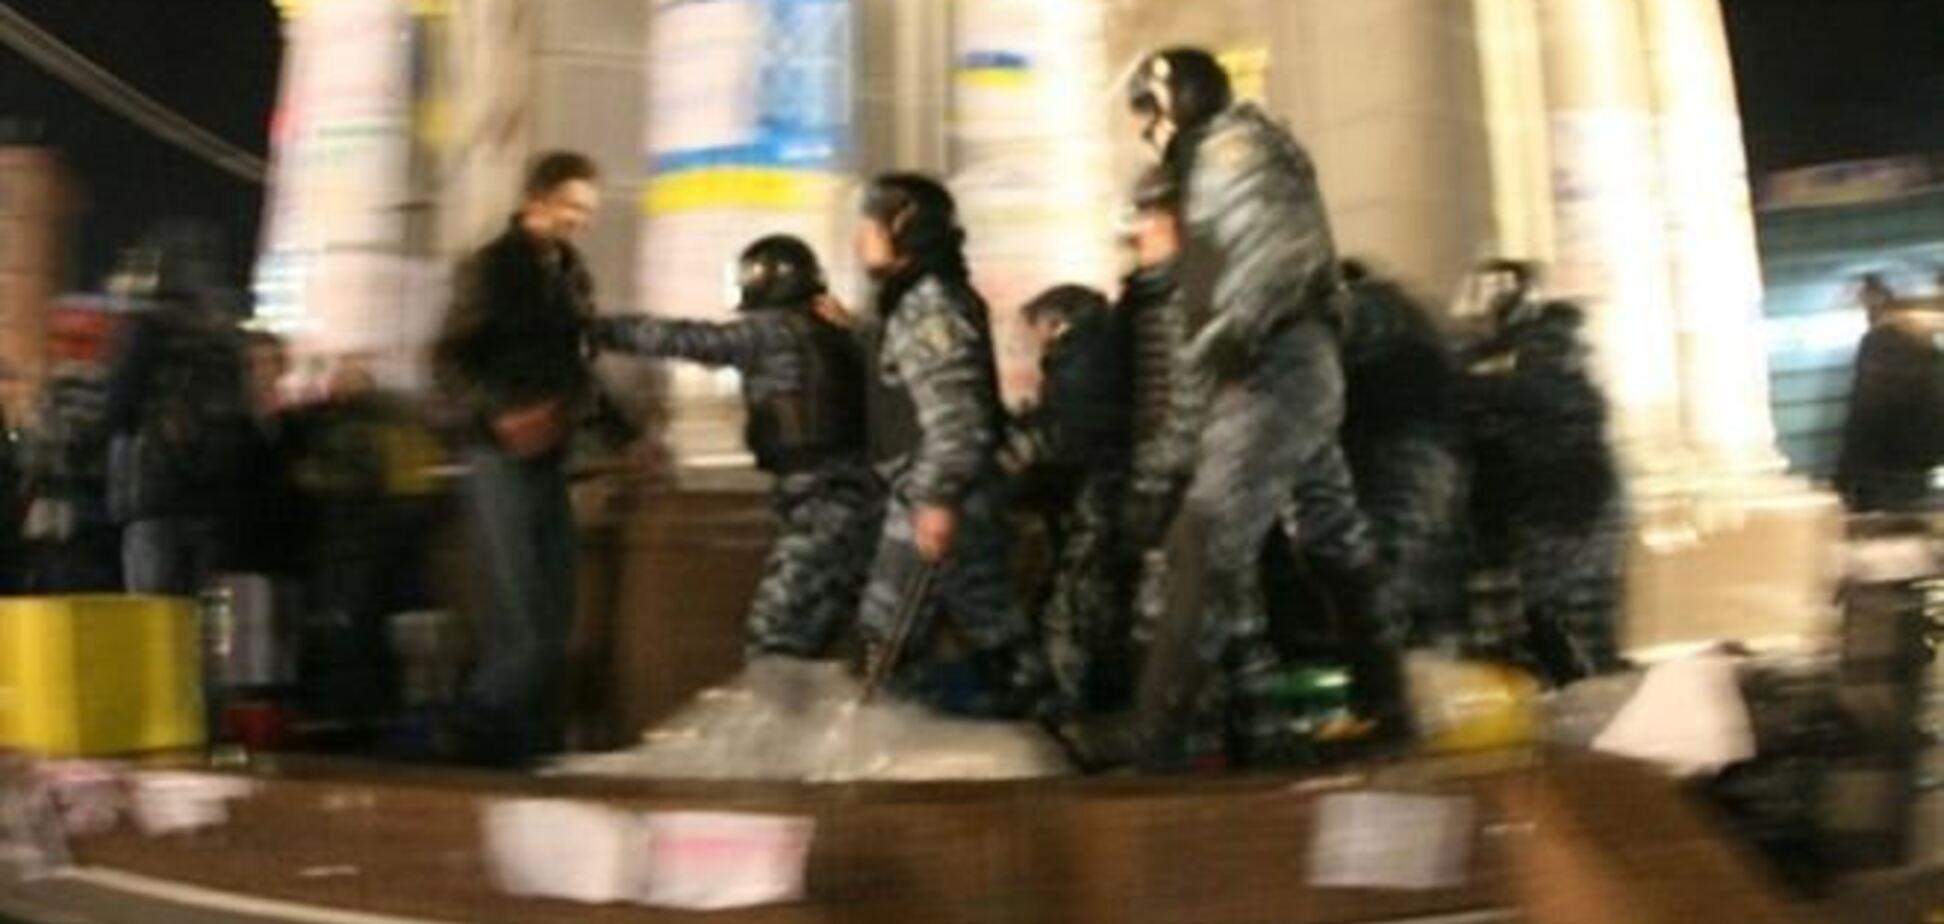 Опубликованы переговоры 'Беркута' во время разгона Евромайдана